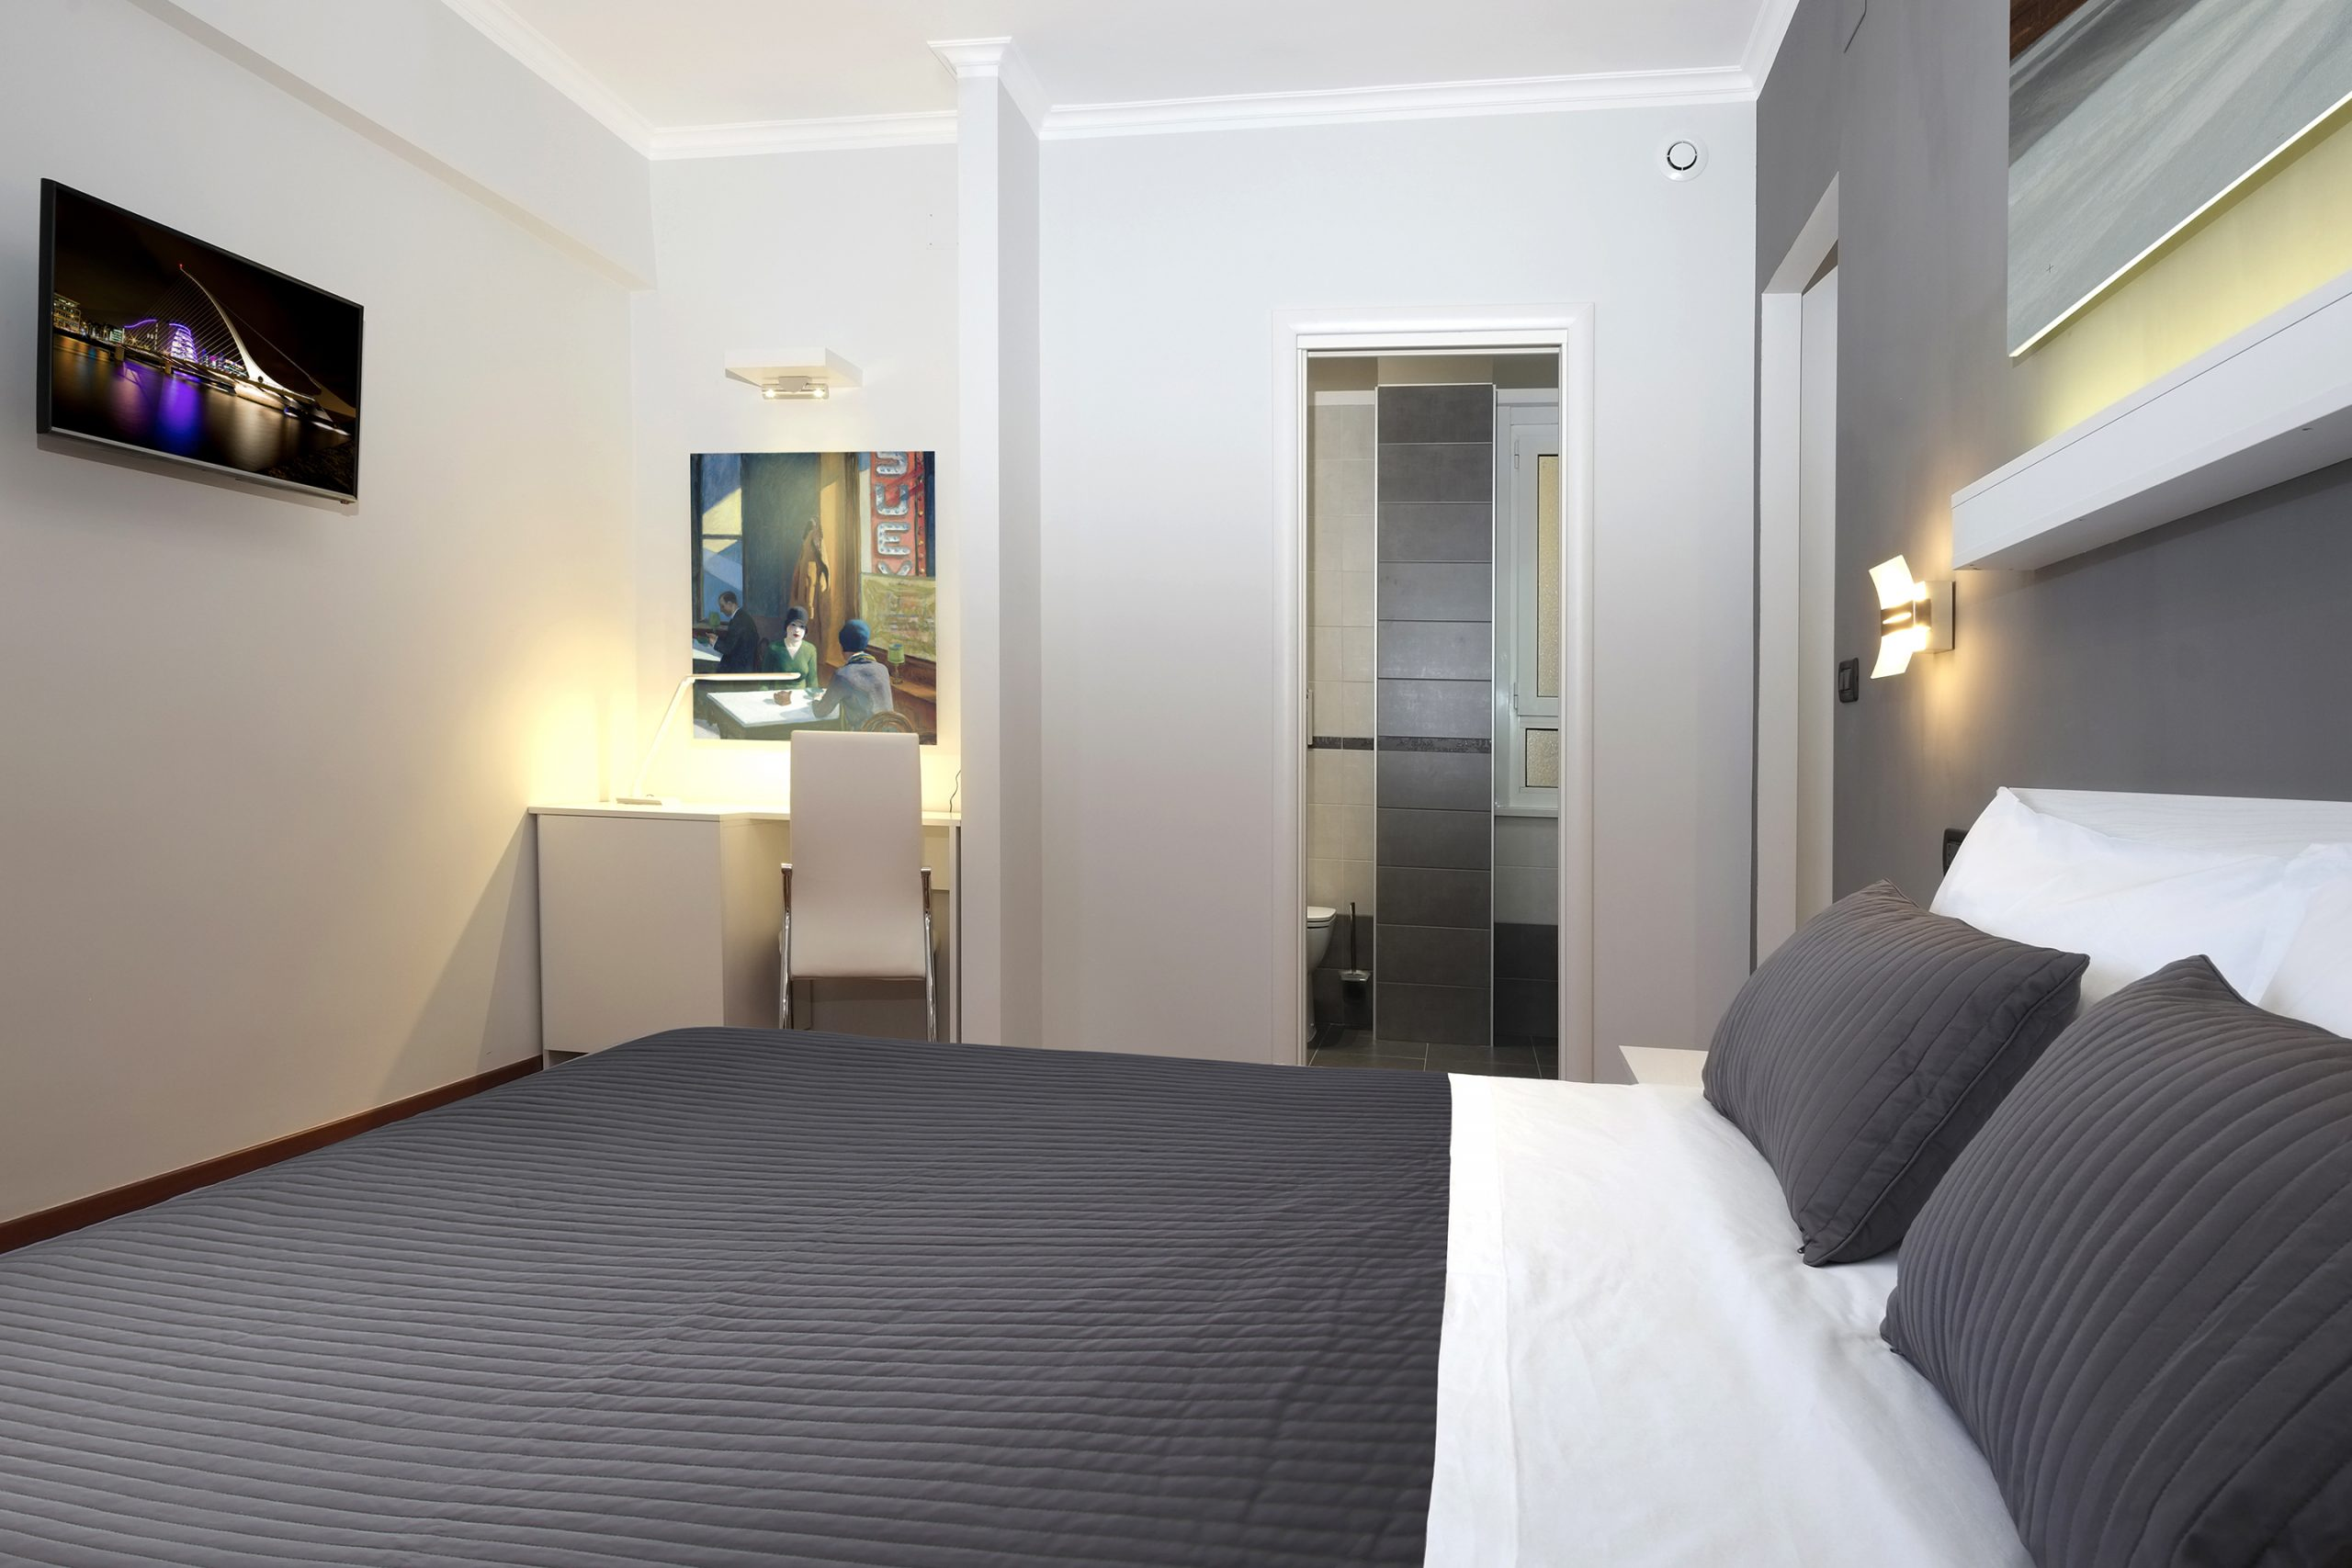 J24 B&B - bed & breakfast roma eur - Hopper - camera matrimoniale con bagno privato